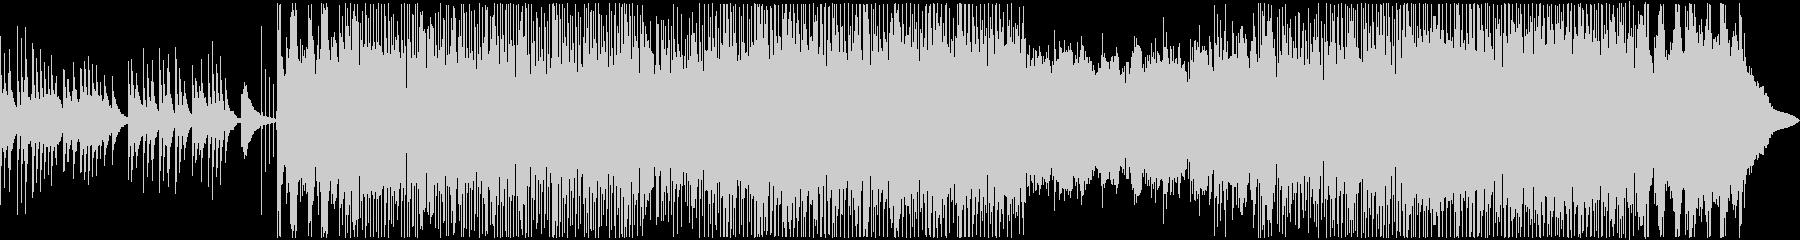 琴(箏)の生演奏によるミドルテンポ和風曲の未再生の波形